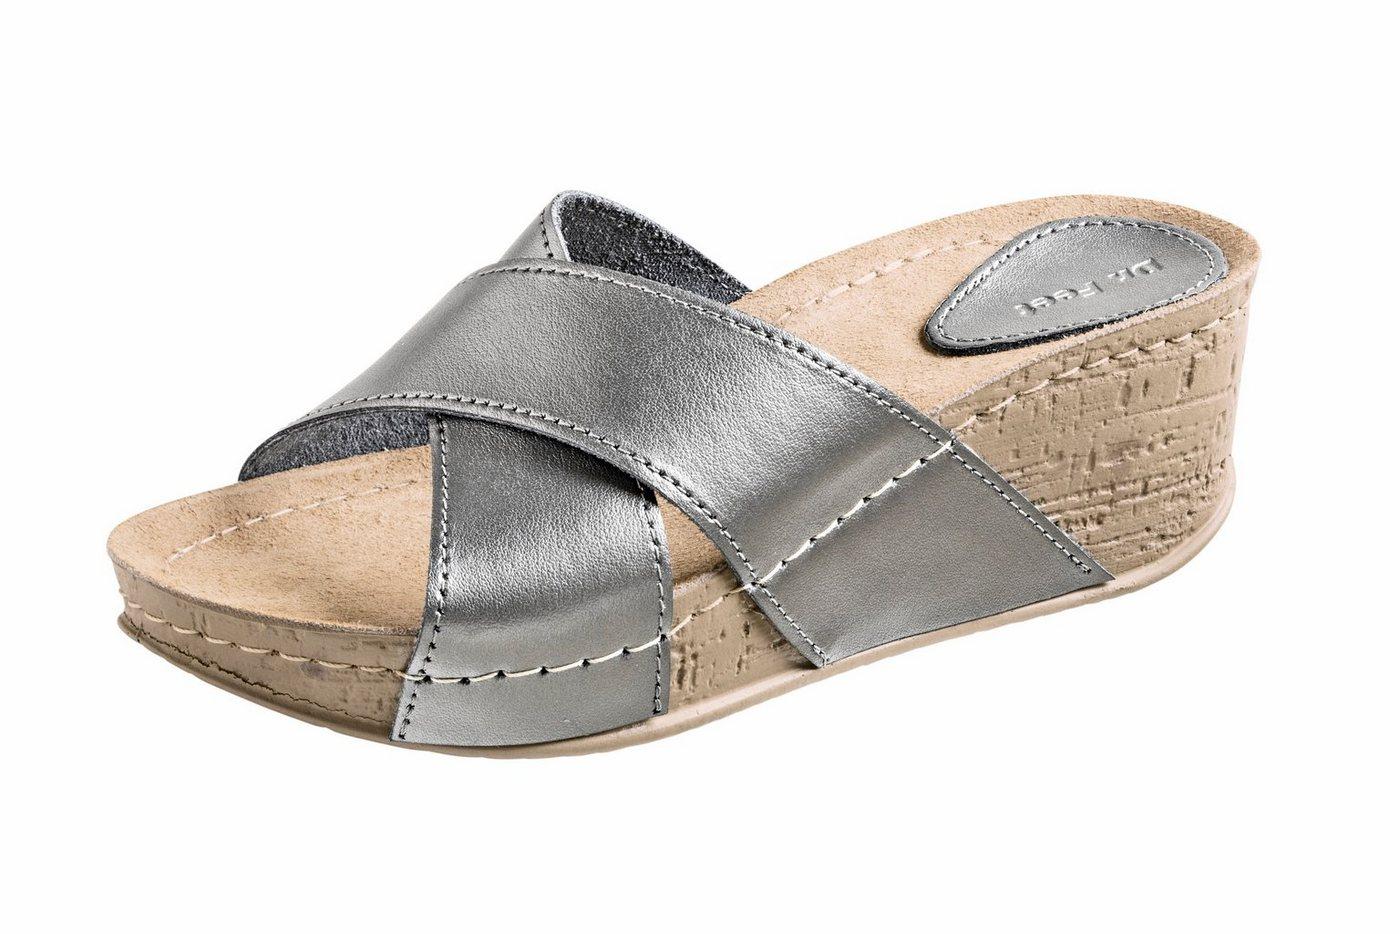 heine home Clogs mit überkreuzten Riemen | Schuhe > Clogs & Pantoletten | heine home